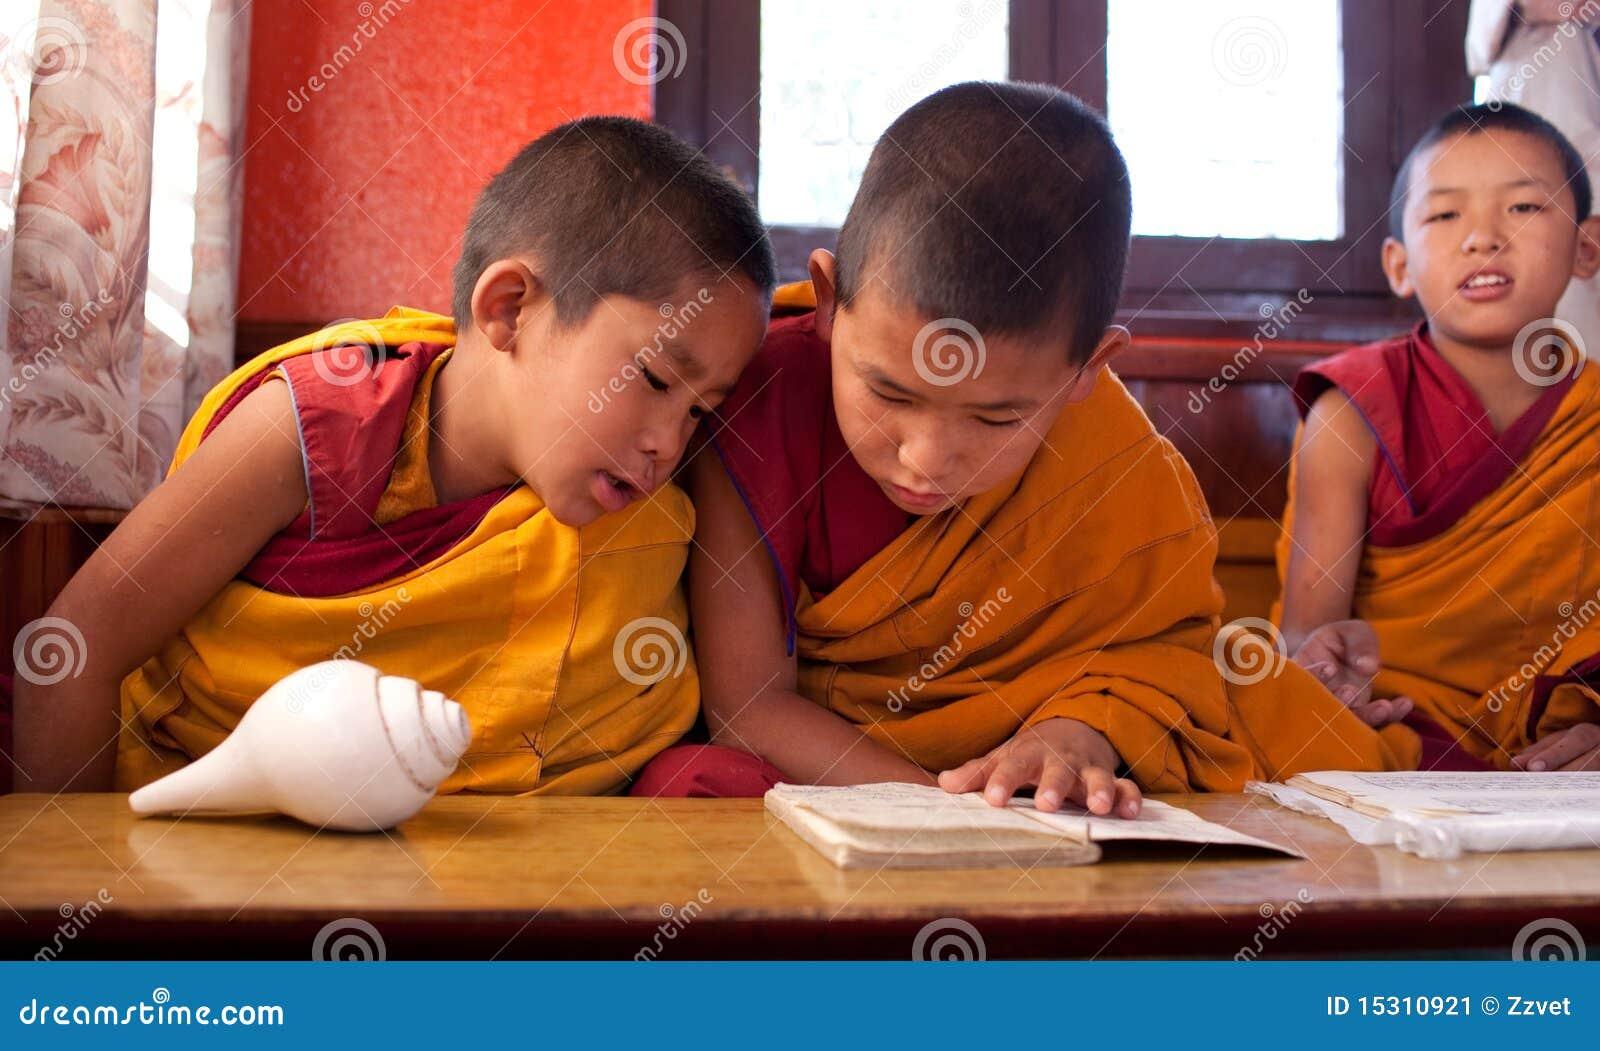 佛教矮小的修士二